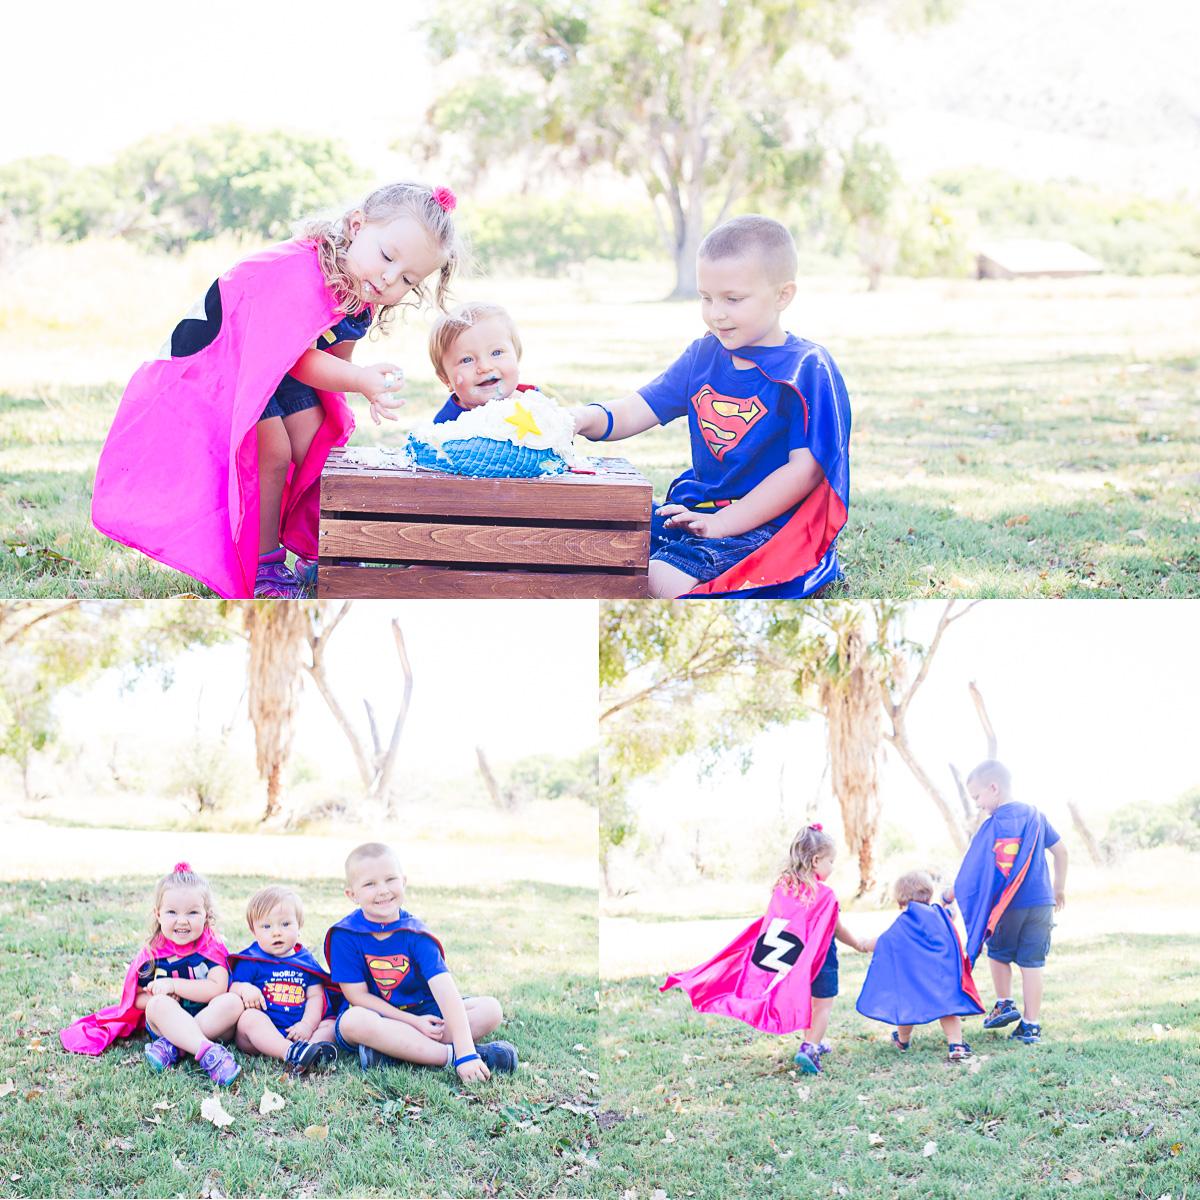 Twentynine Palms Children's  Photography - Yucca Valley Children's Photography - Twentynine Palms Cake Smash Sessions - Yucca Valley Cake Smash Sessions (Rader 3)